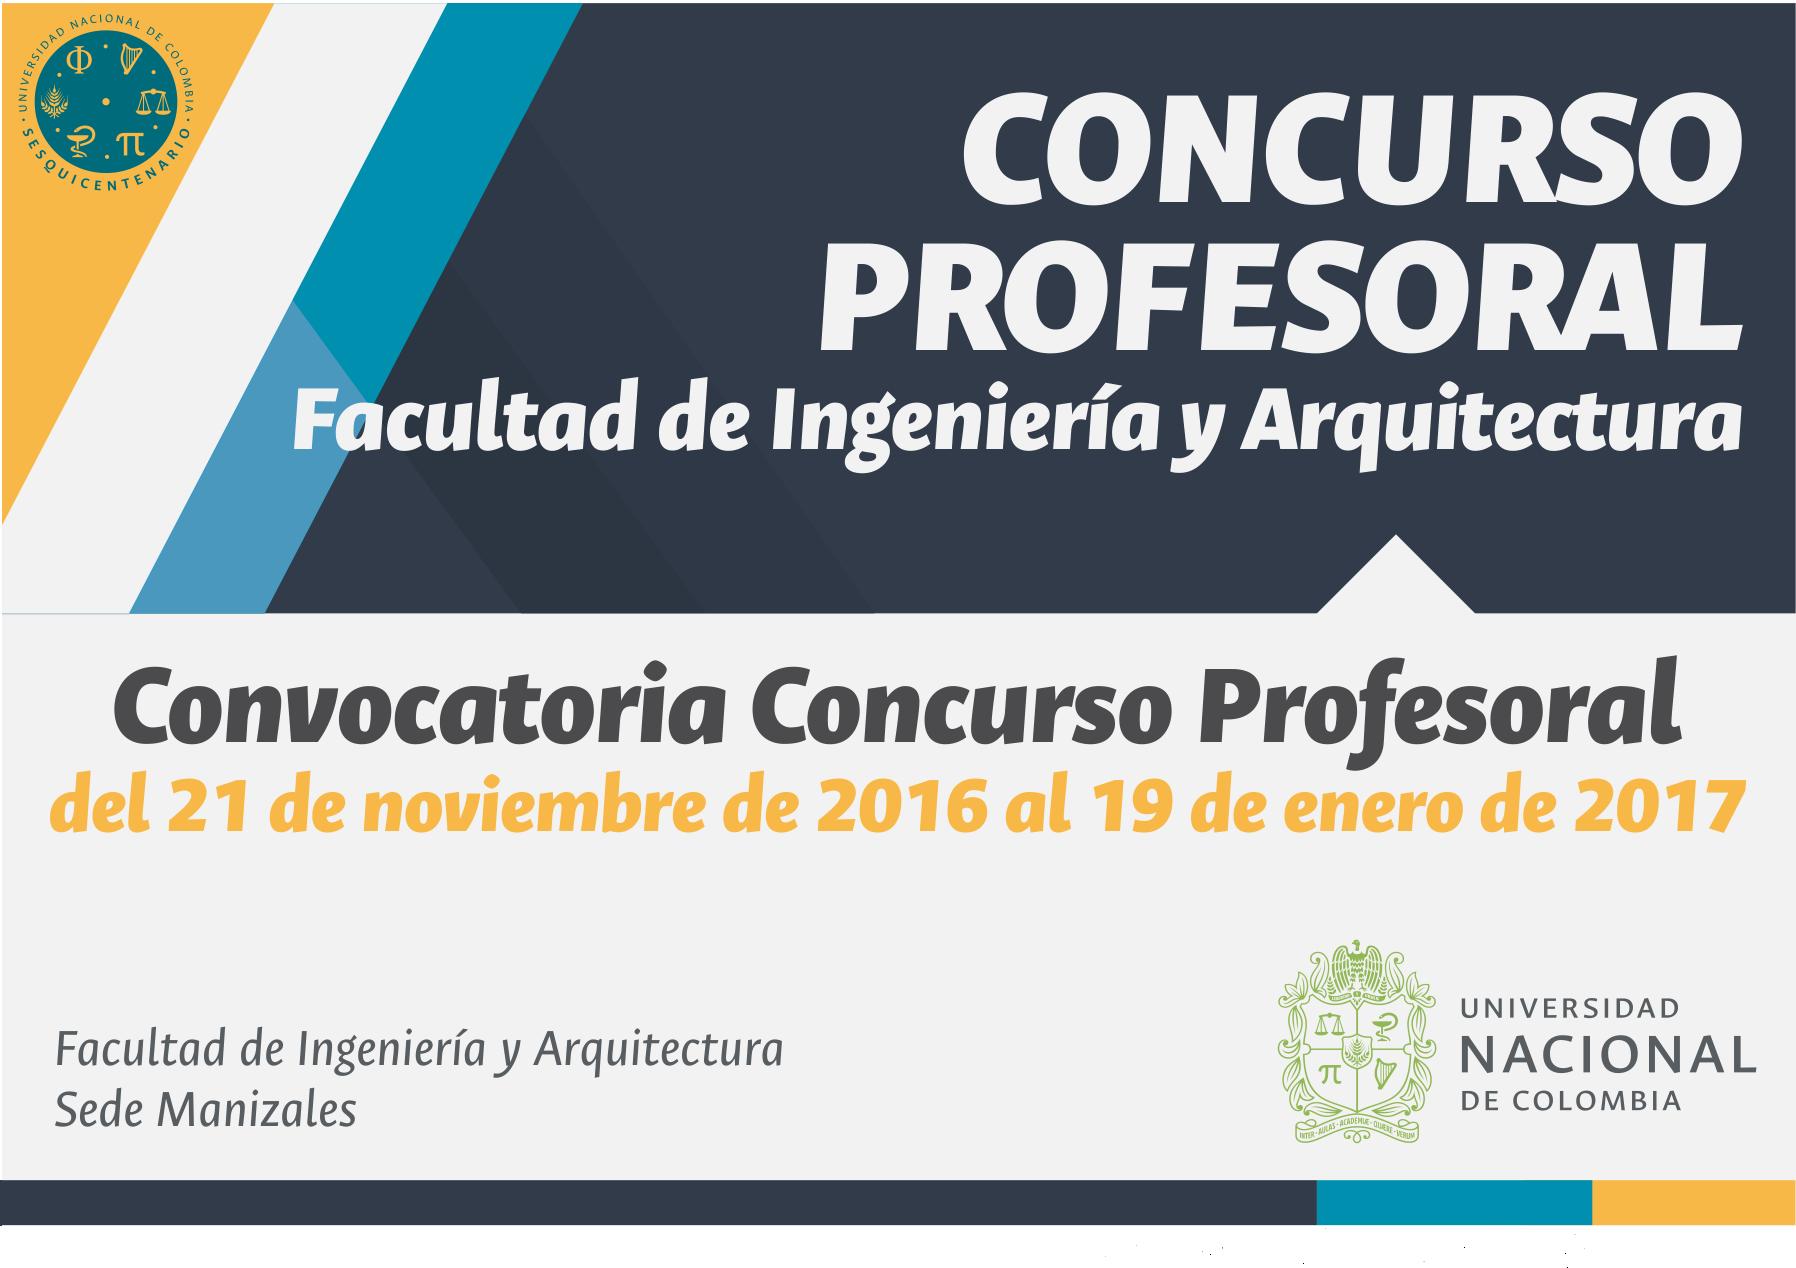 Convocatoria concurso profesoral 2016 for Convocatoria concurso de docentes 2016